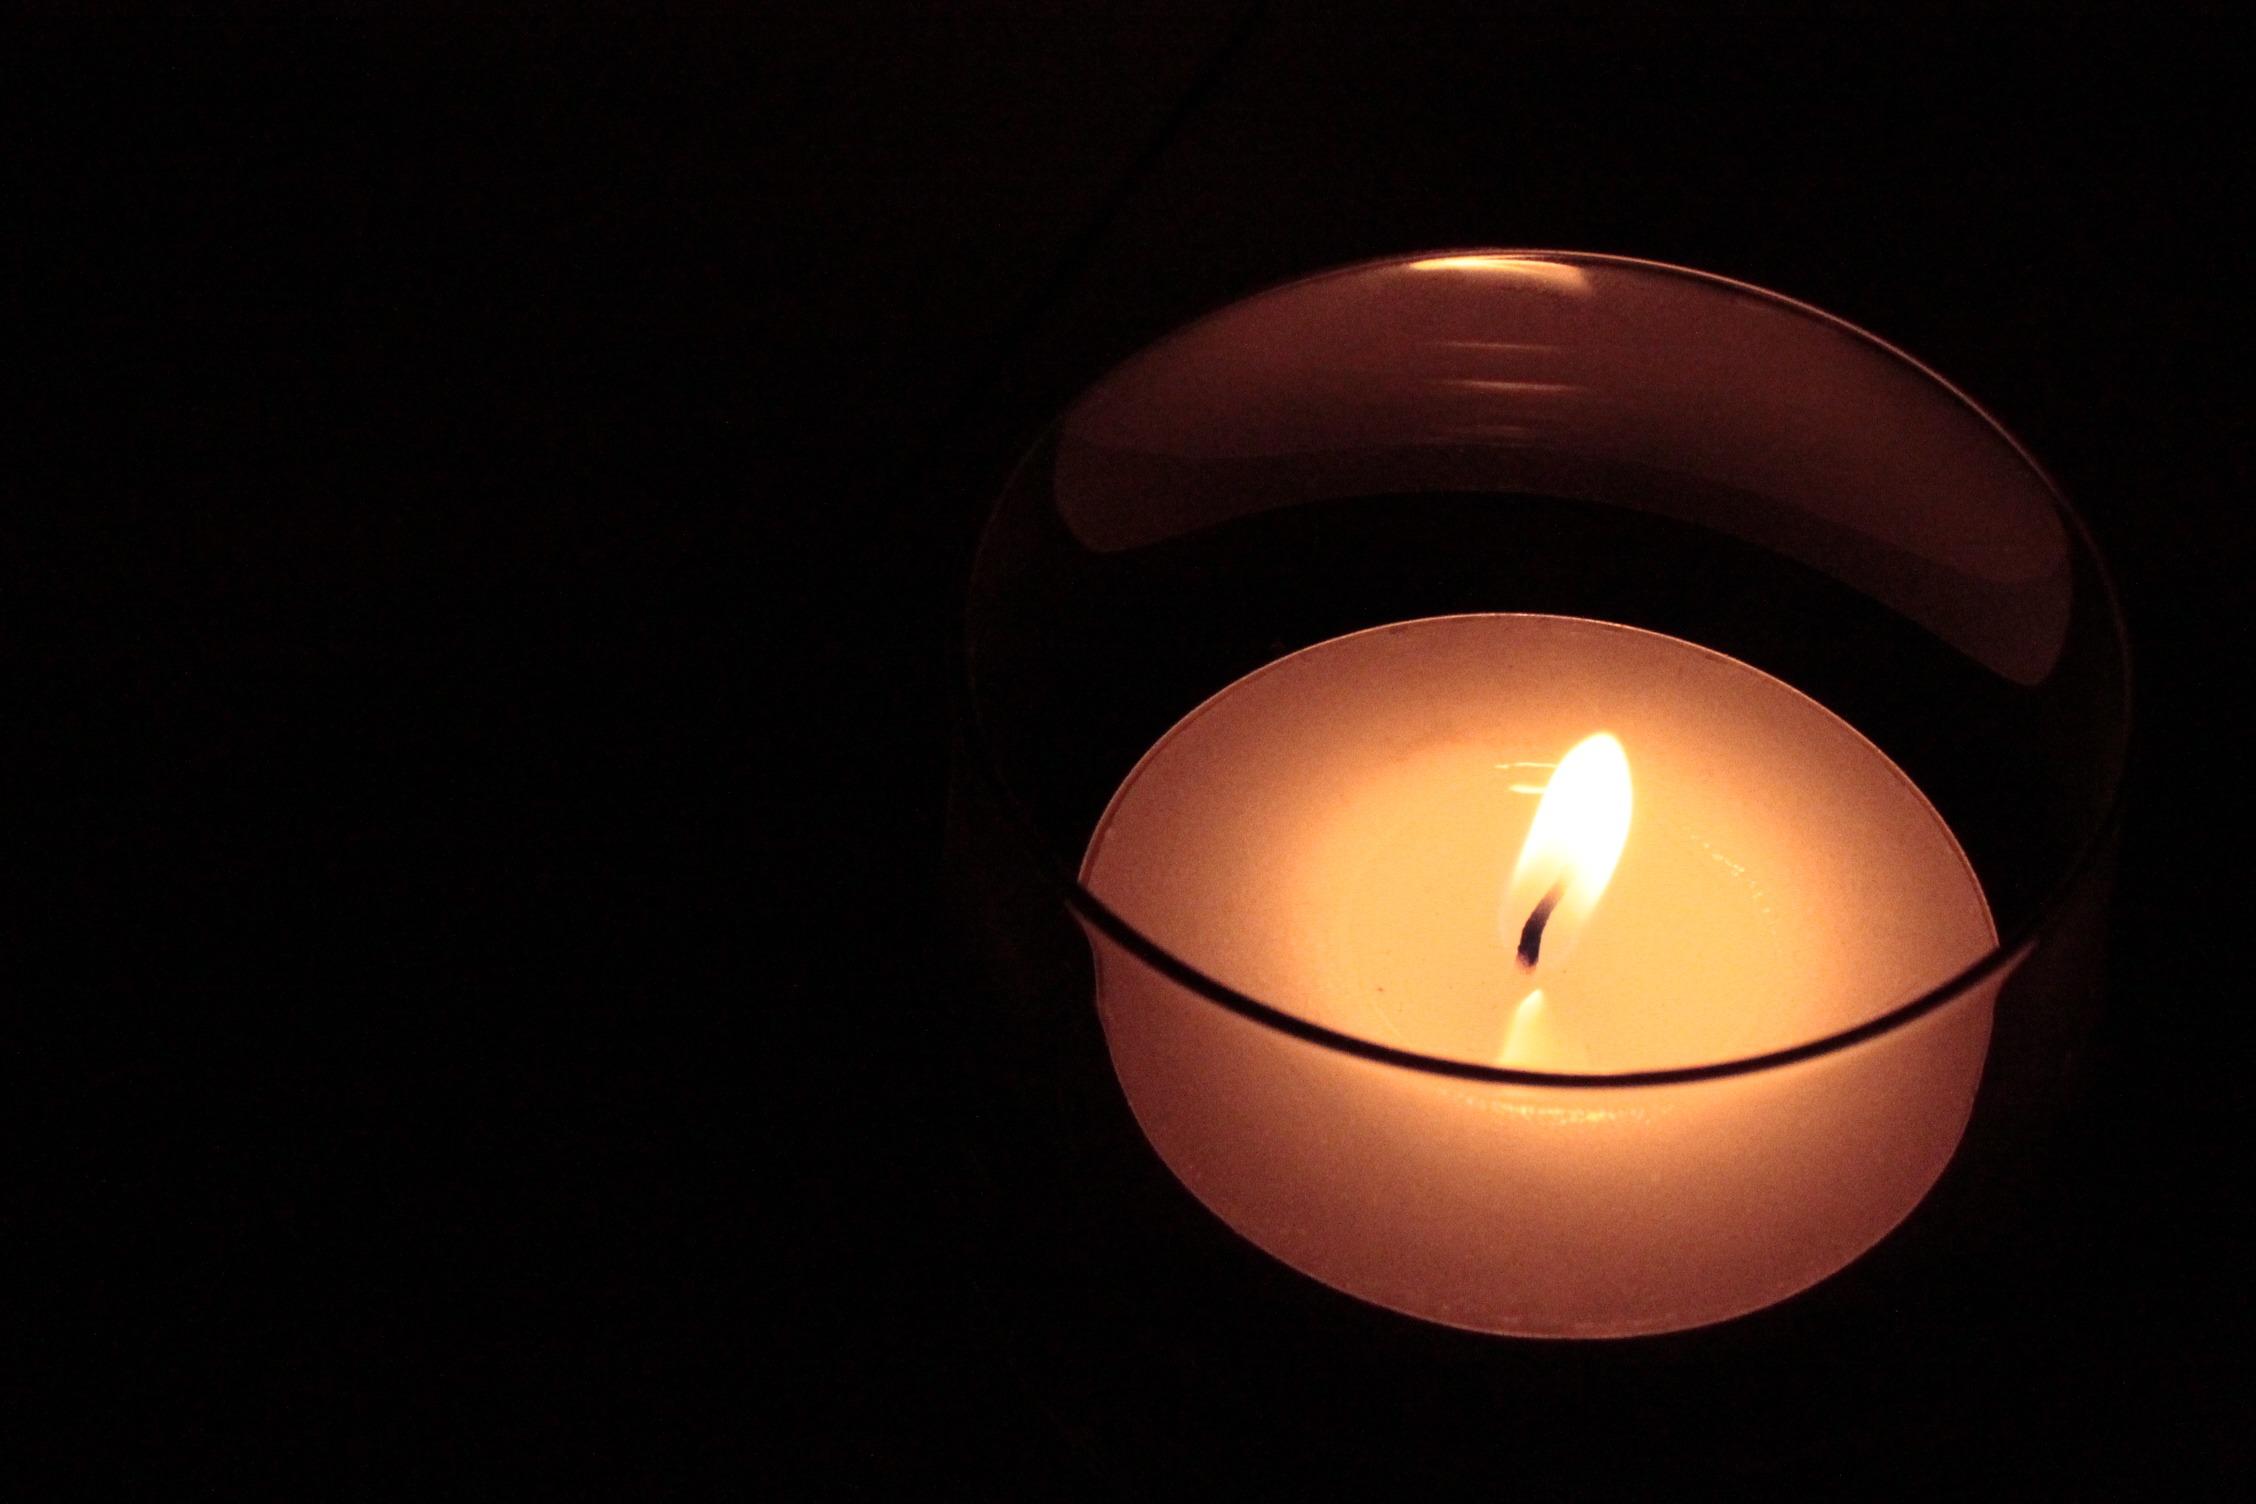 Gratuites lumi¨re verre atmosph¨re flamme obscurité